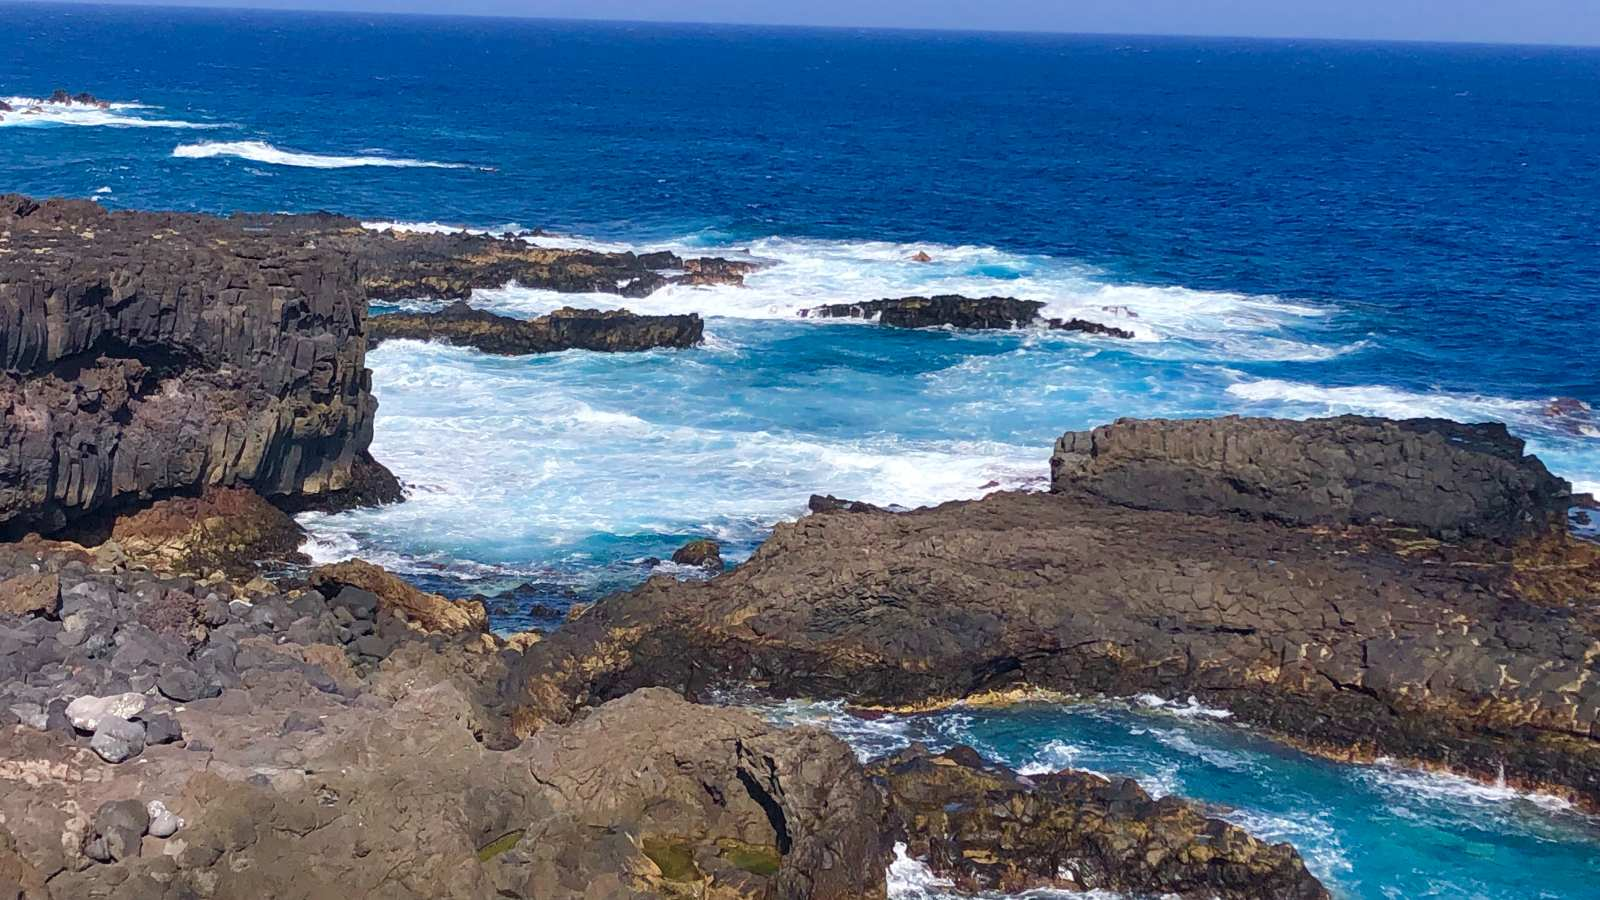 Des couches de laves qui ont formé le nouveau littoral